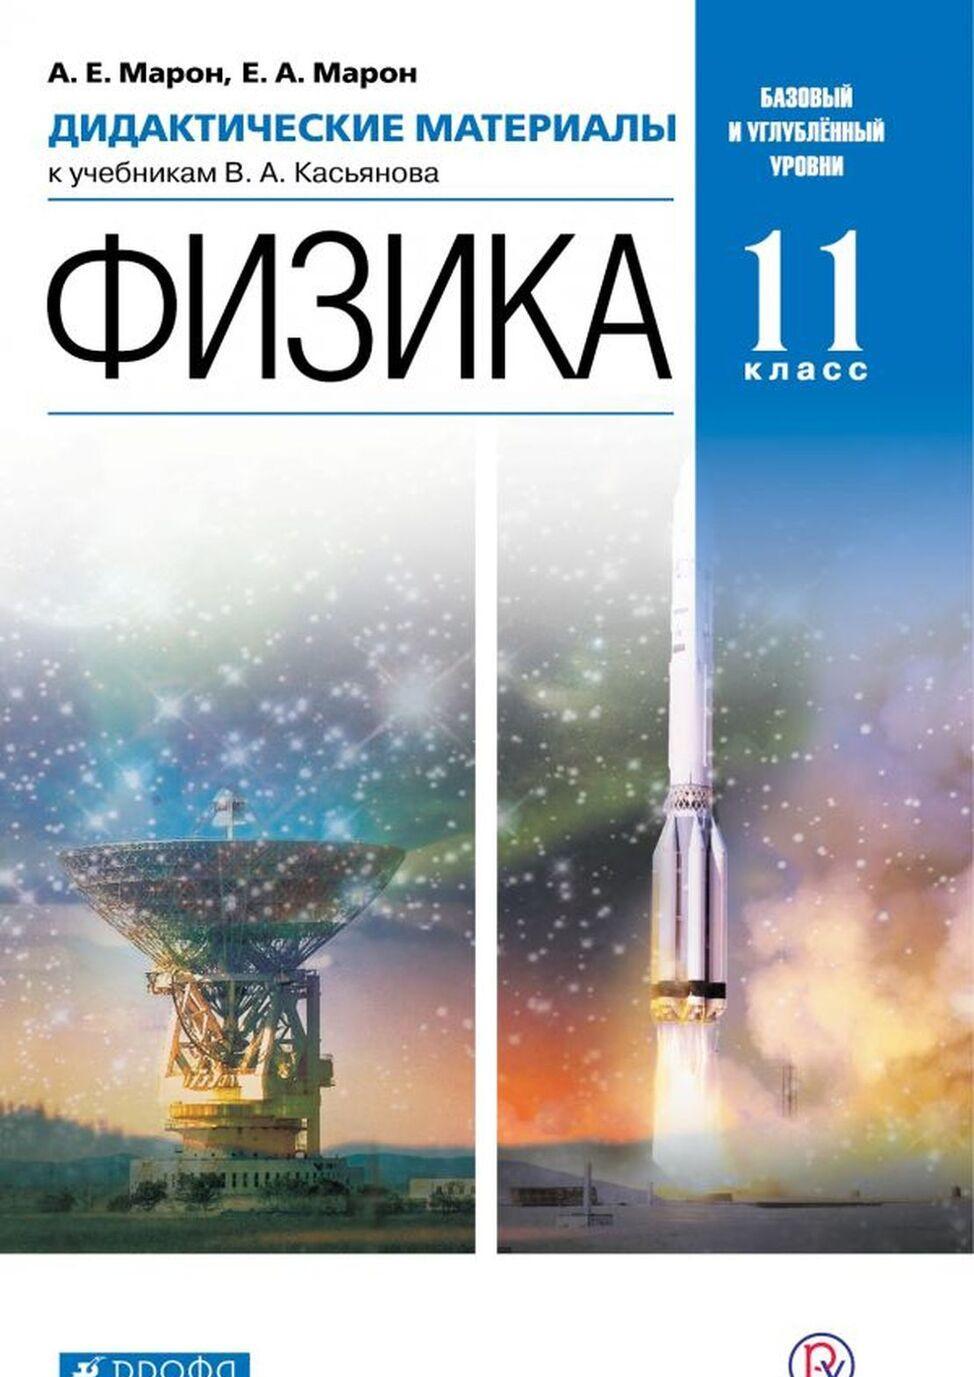 Fizika. 11 klass. Didakticheskie materialy. K uchebnikam V. A. Kasjanova | Maron Evgenij Abramovich, Maron Abram Evseevich